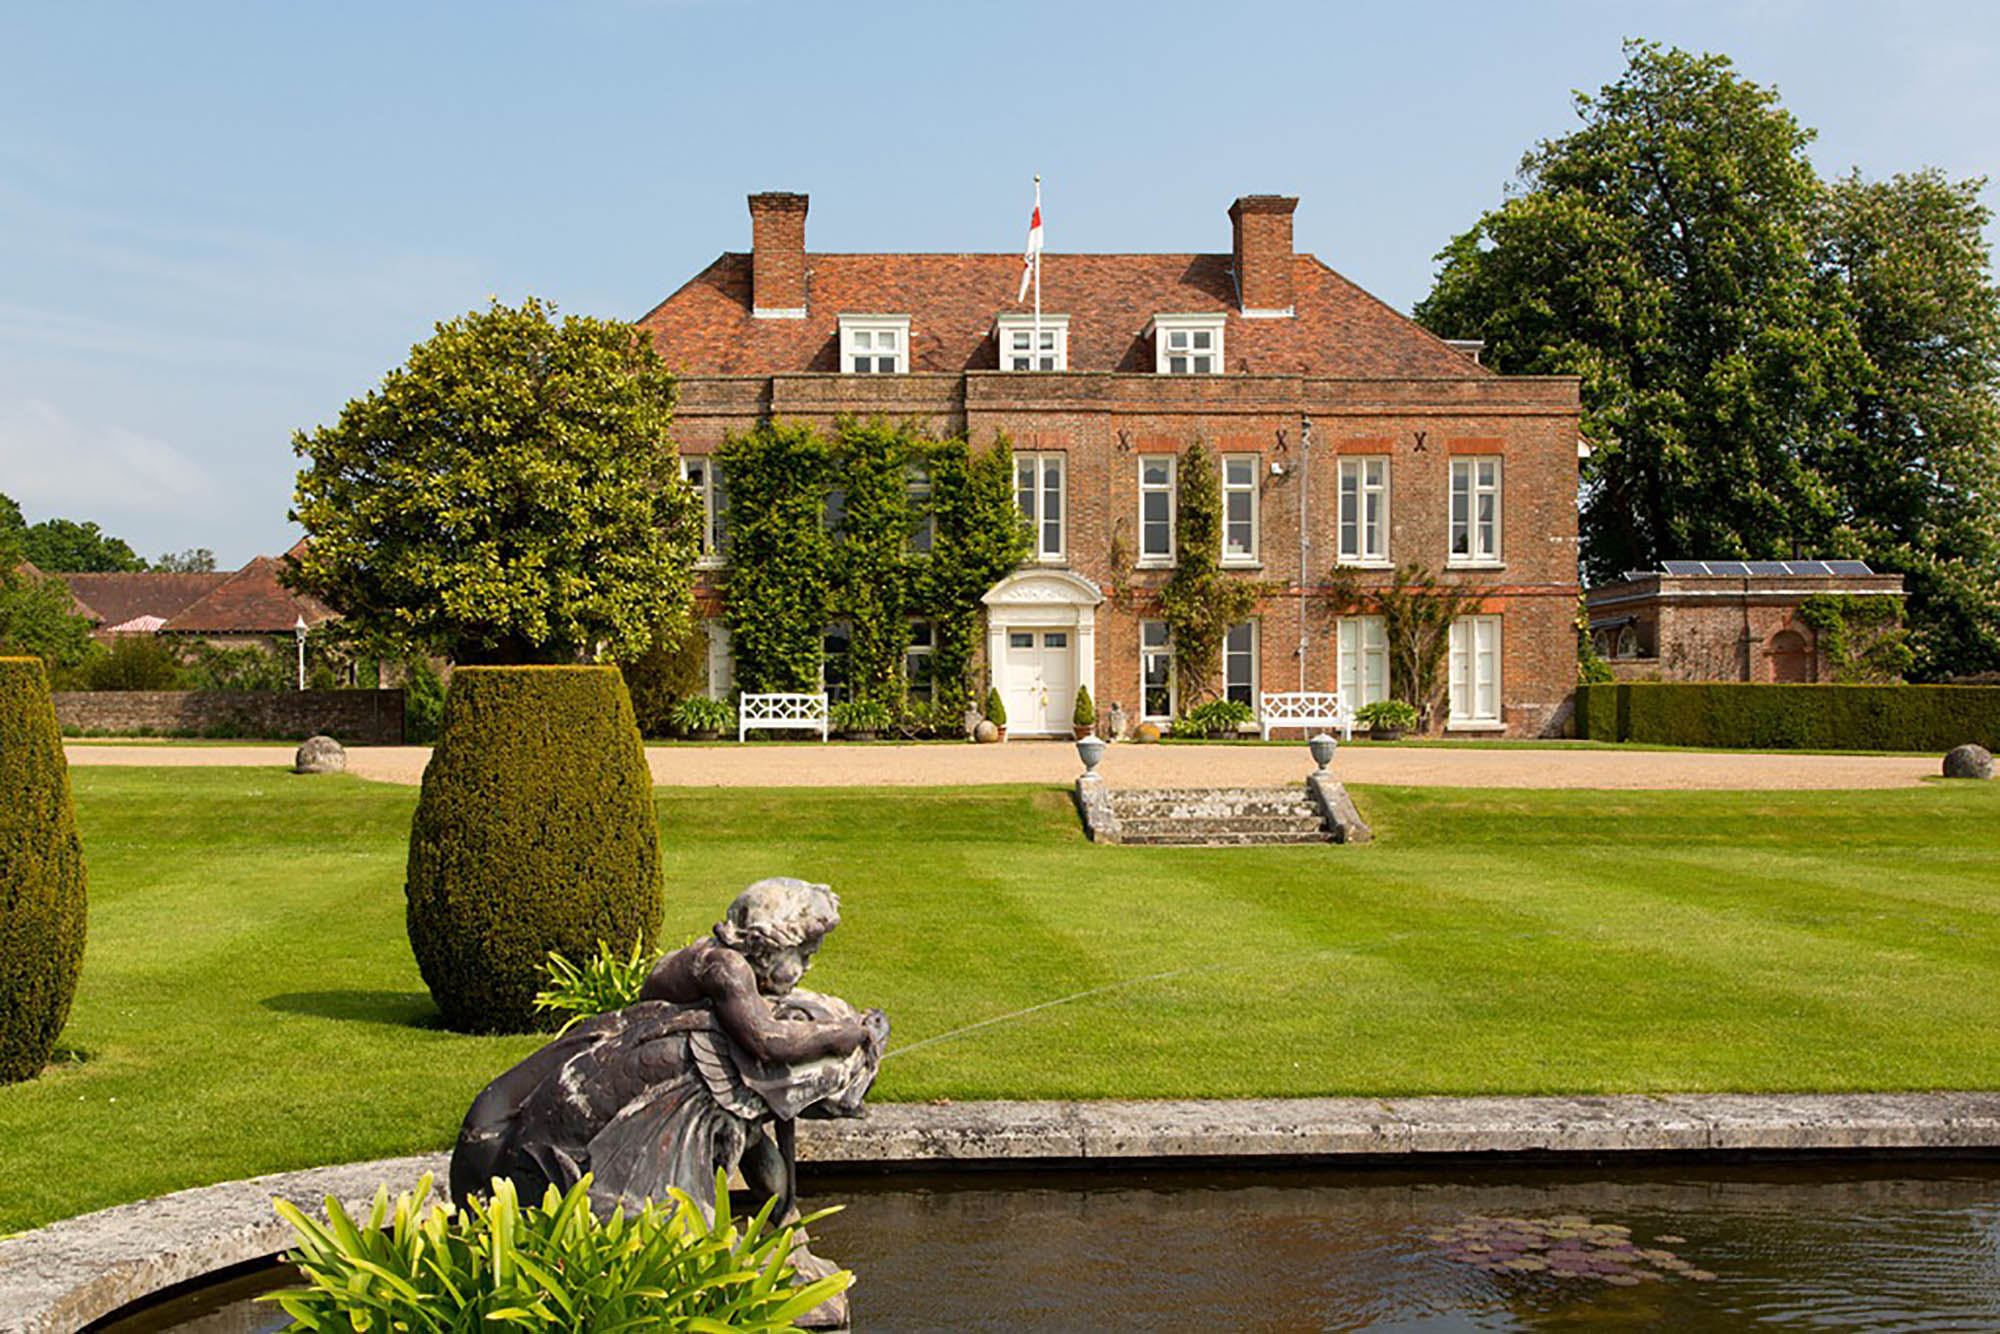 Hole Park Benenden Road, Rolvenden, Cranbrook, Kent: Weds 22 June ...